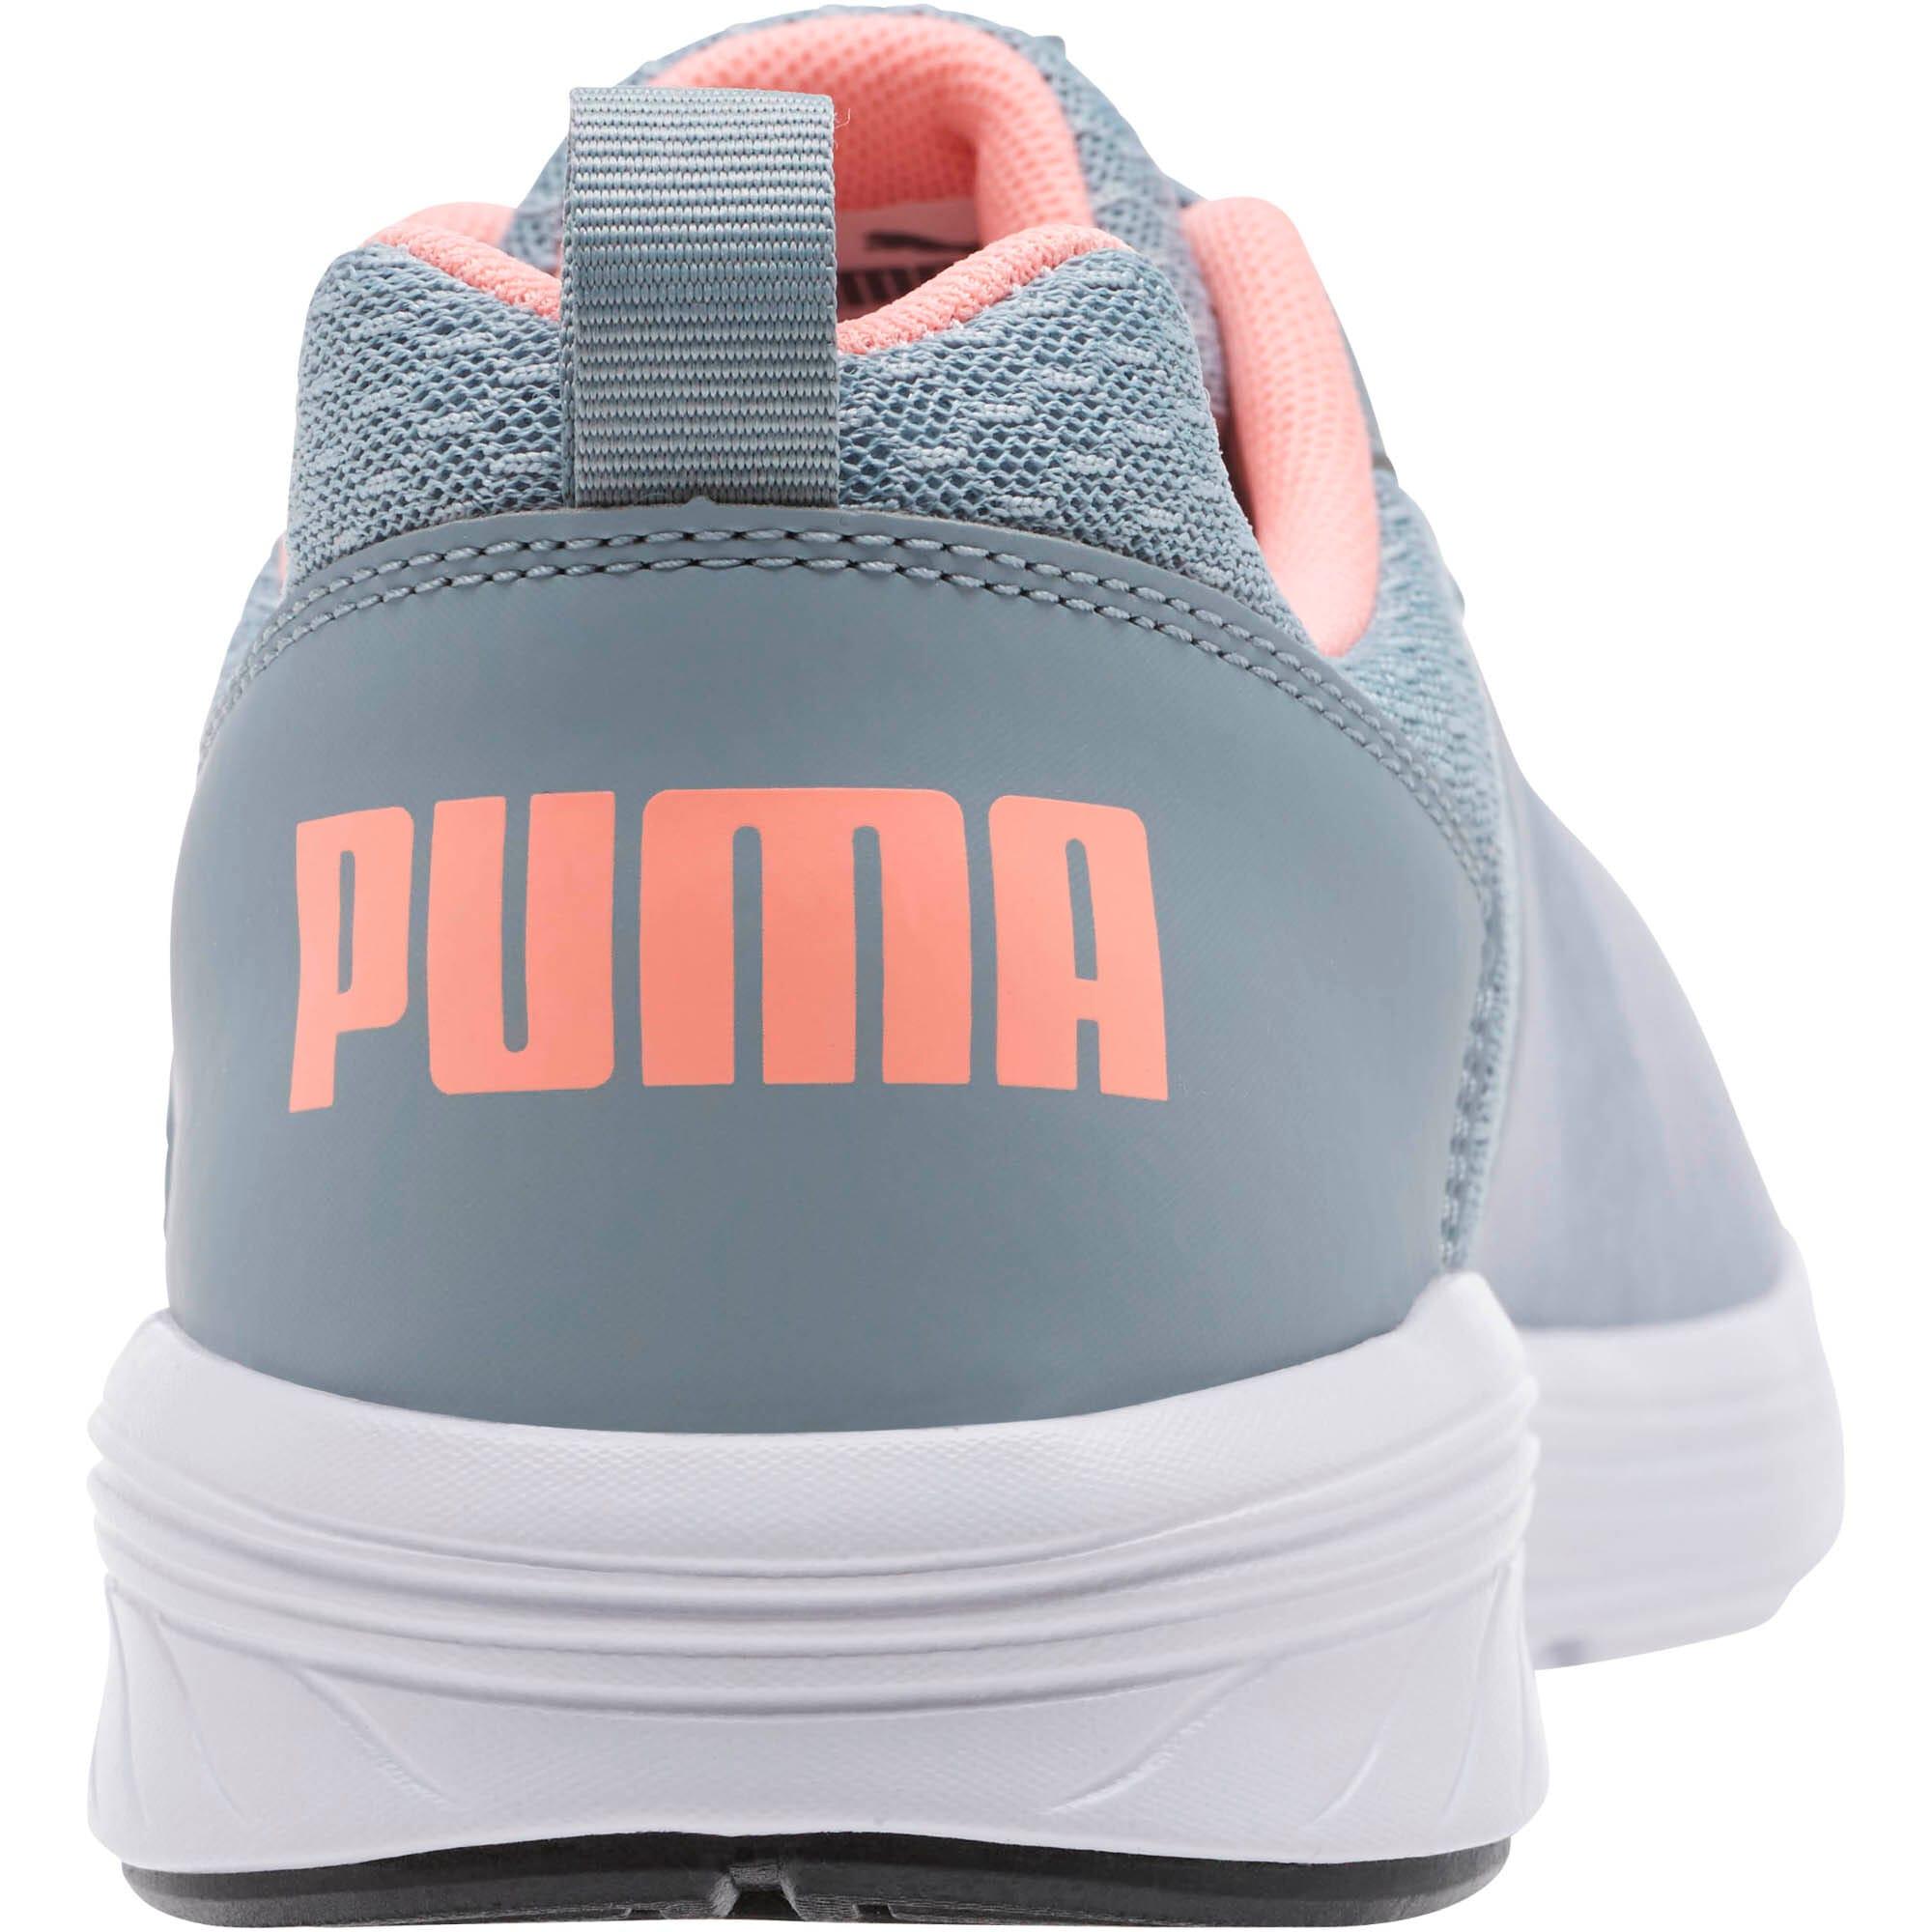 Miniatura 4 de Zapatos para correr NRGY Comet, Quarry-Soft Fluo Peach, mediano